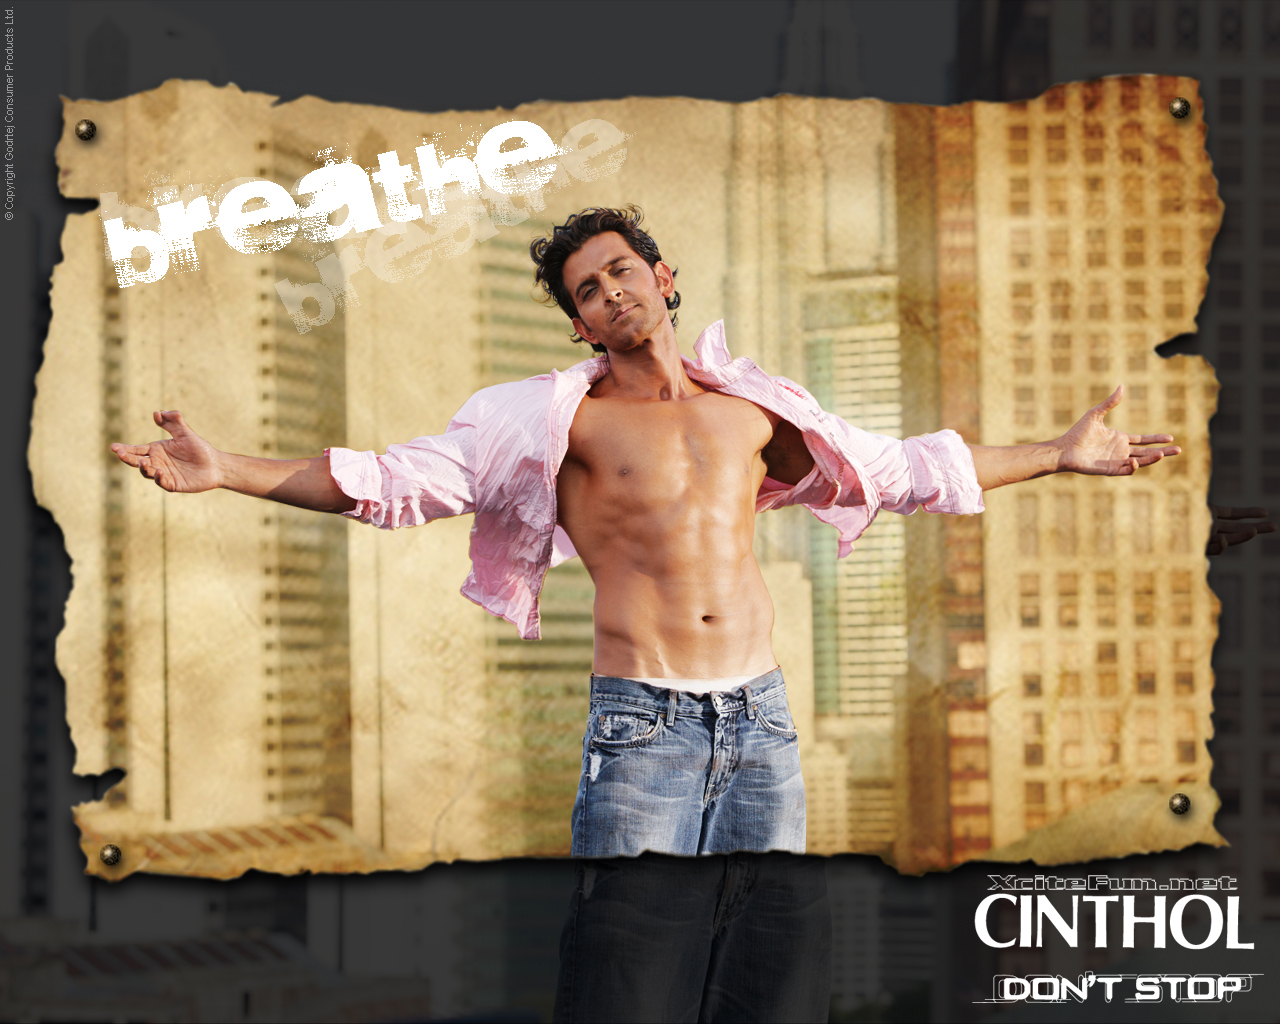 Godrej-Cinthol-ad-Hrithik-Roshan-advertisement